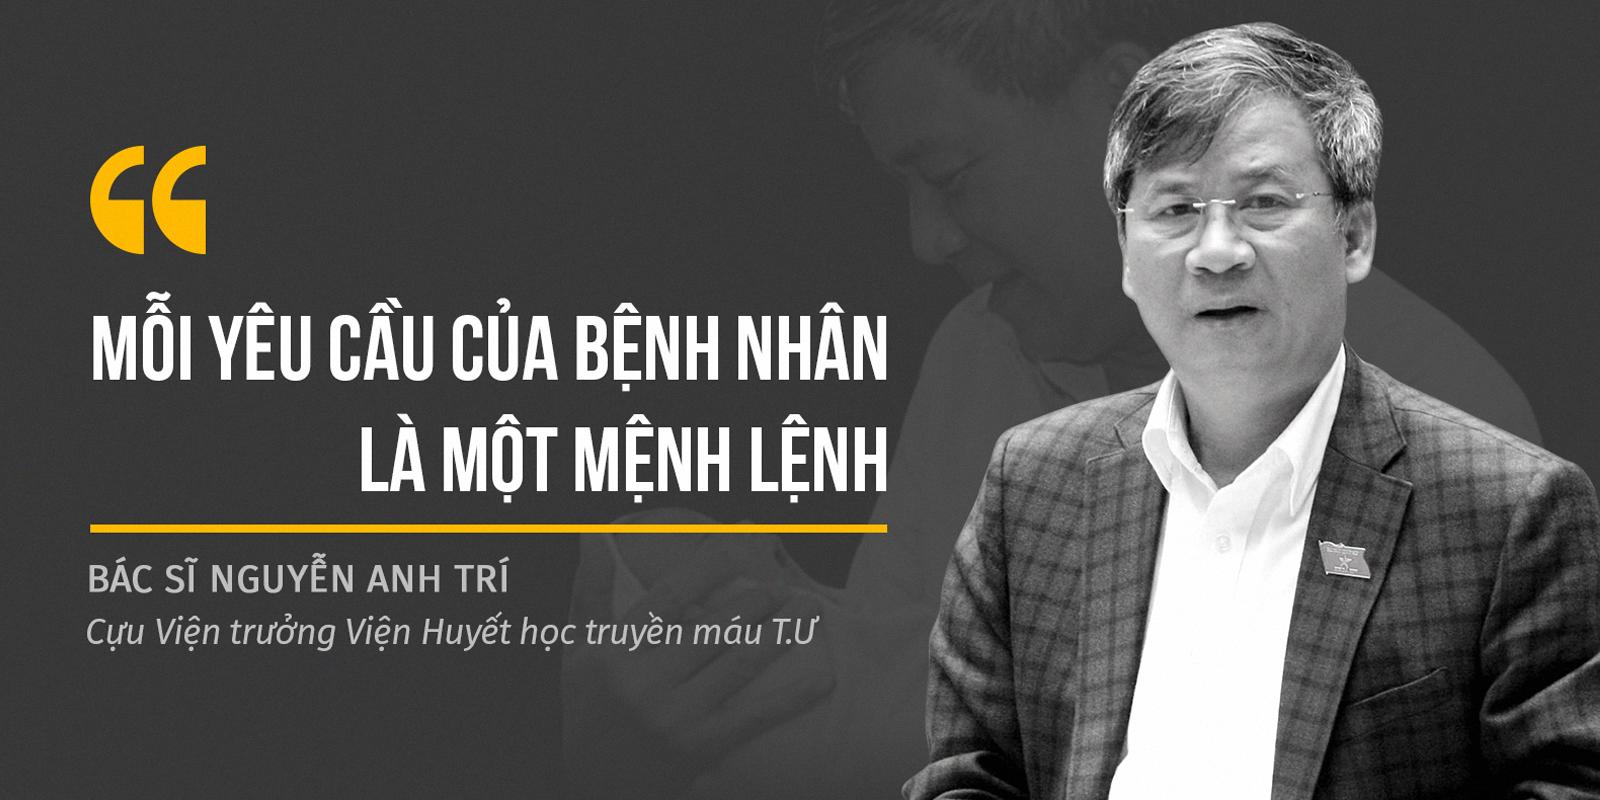 Bác sĩ Nguyễn Anh Trí: một đời y đức không ngơi nghỉ - Ảnh 2.